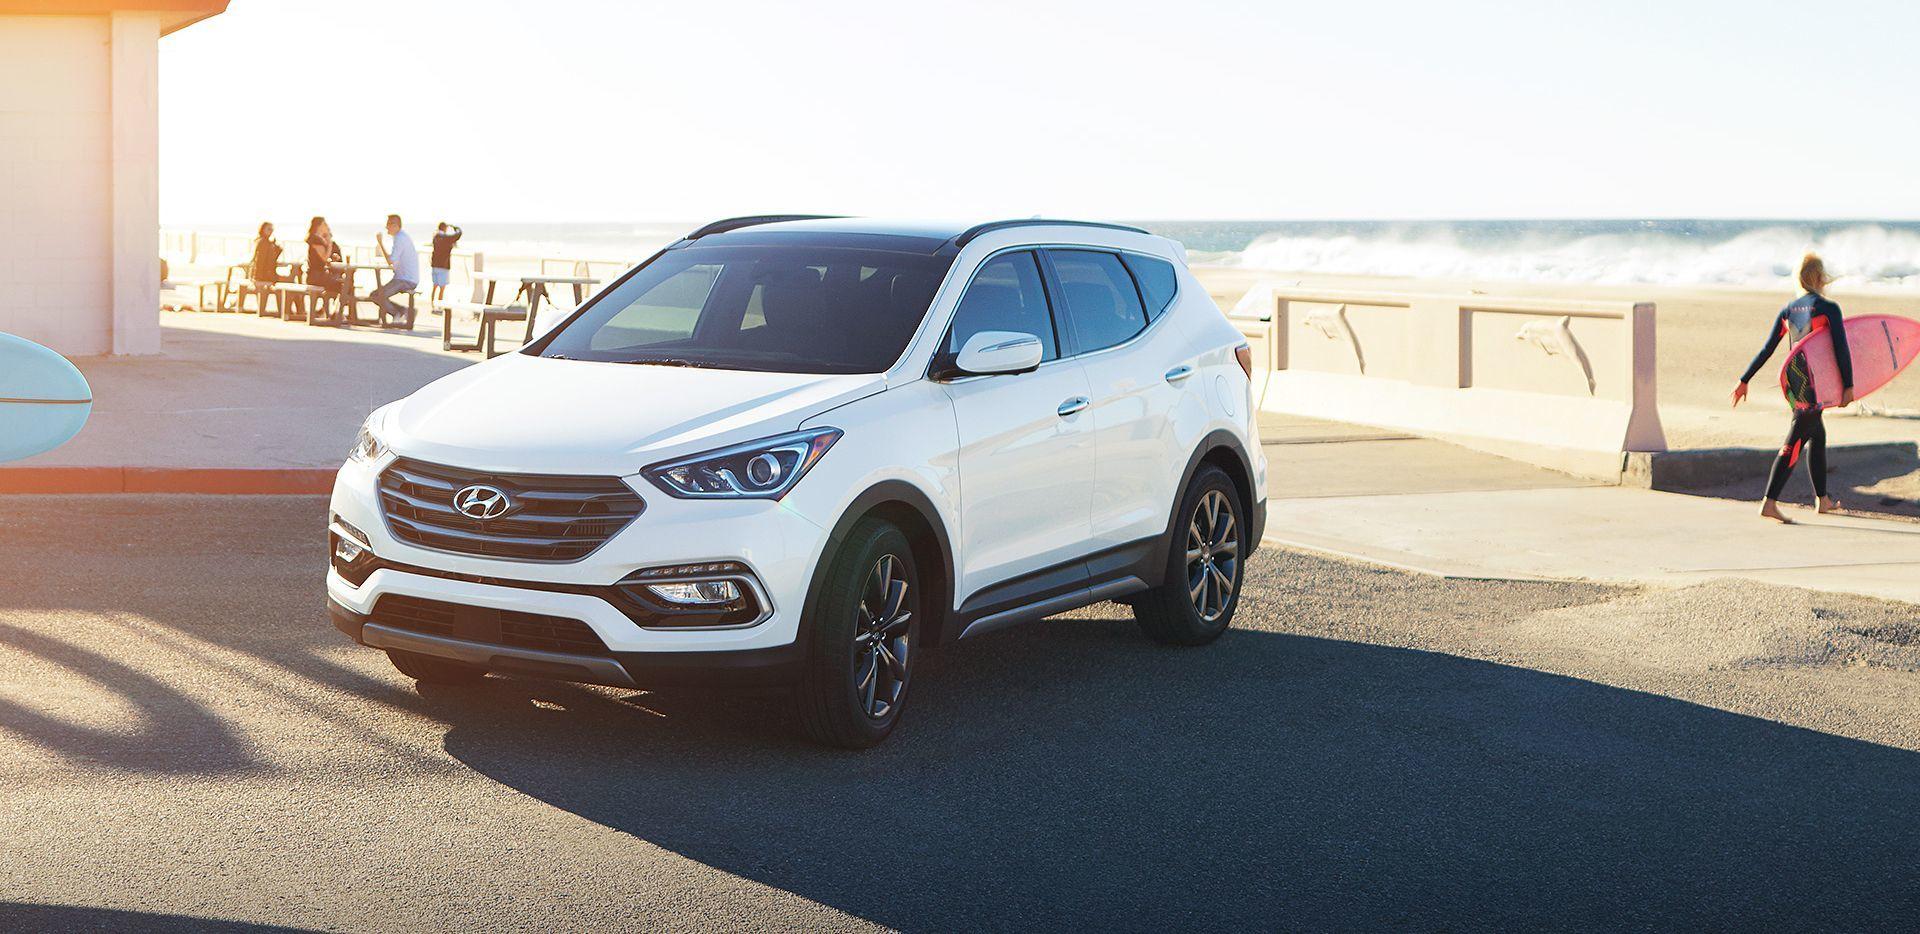 Hyundai Of Bowie >> 2017 Hyundai Santa Fe Sport For Sale Near Bowie Md Pohanka